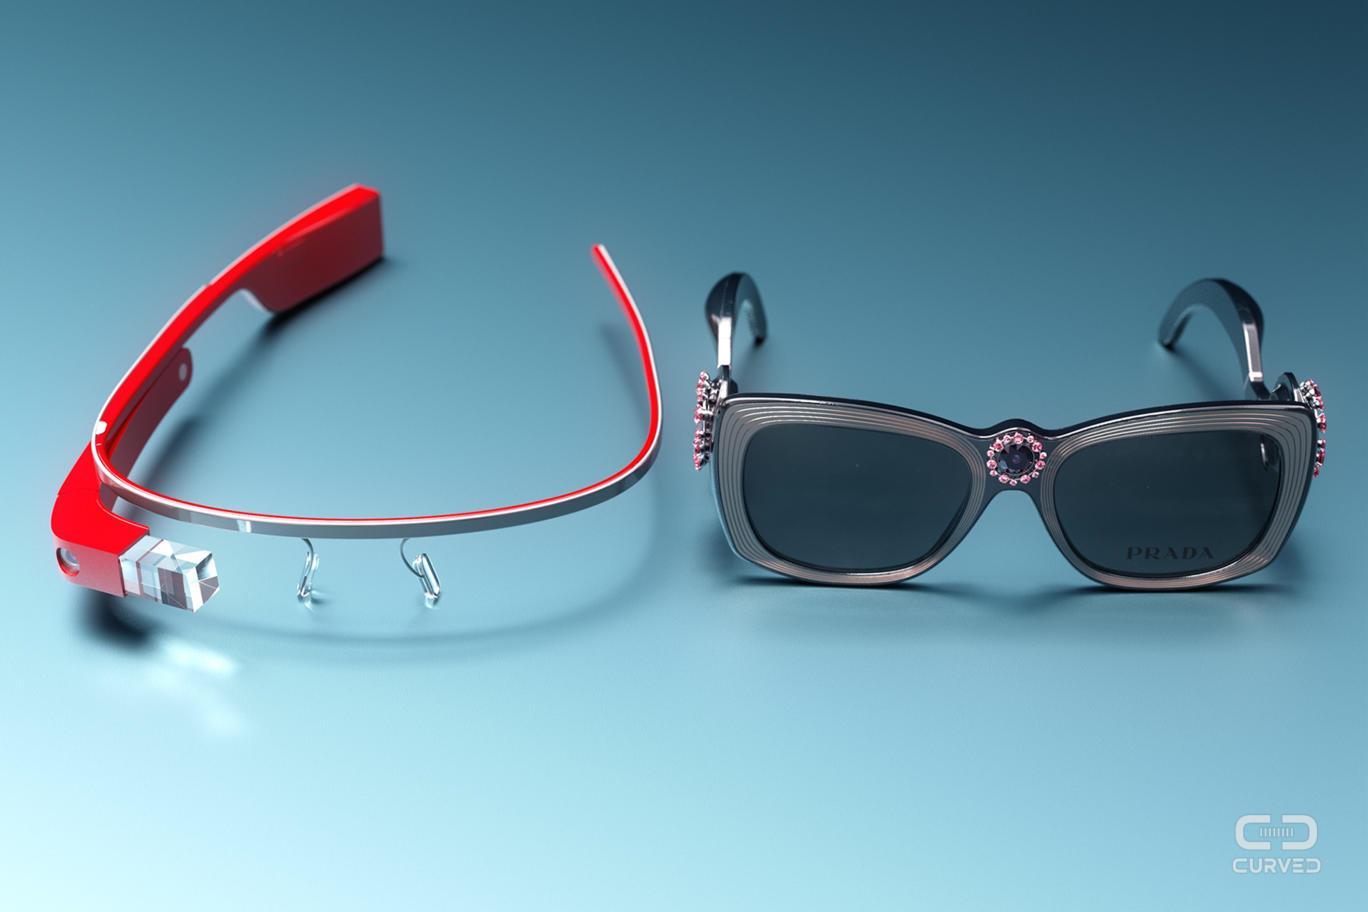 Prada Google Glass e Google Glass